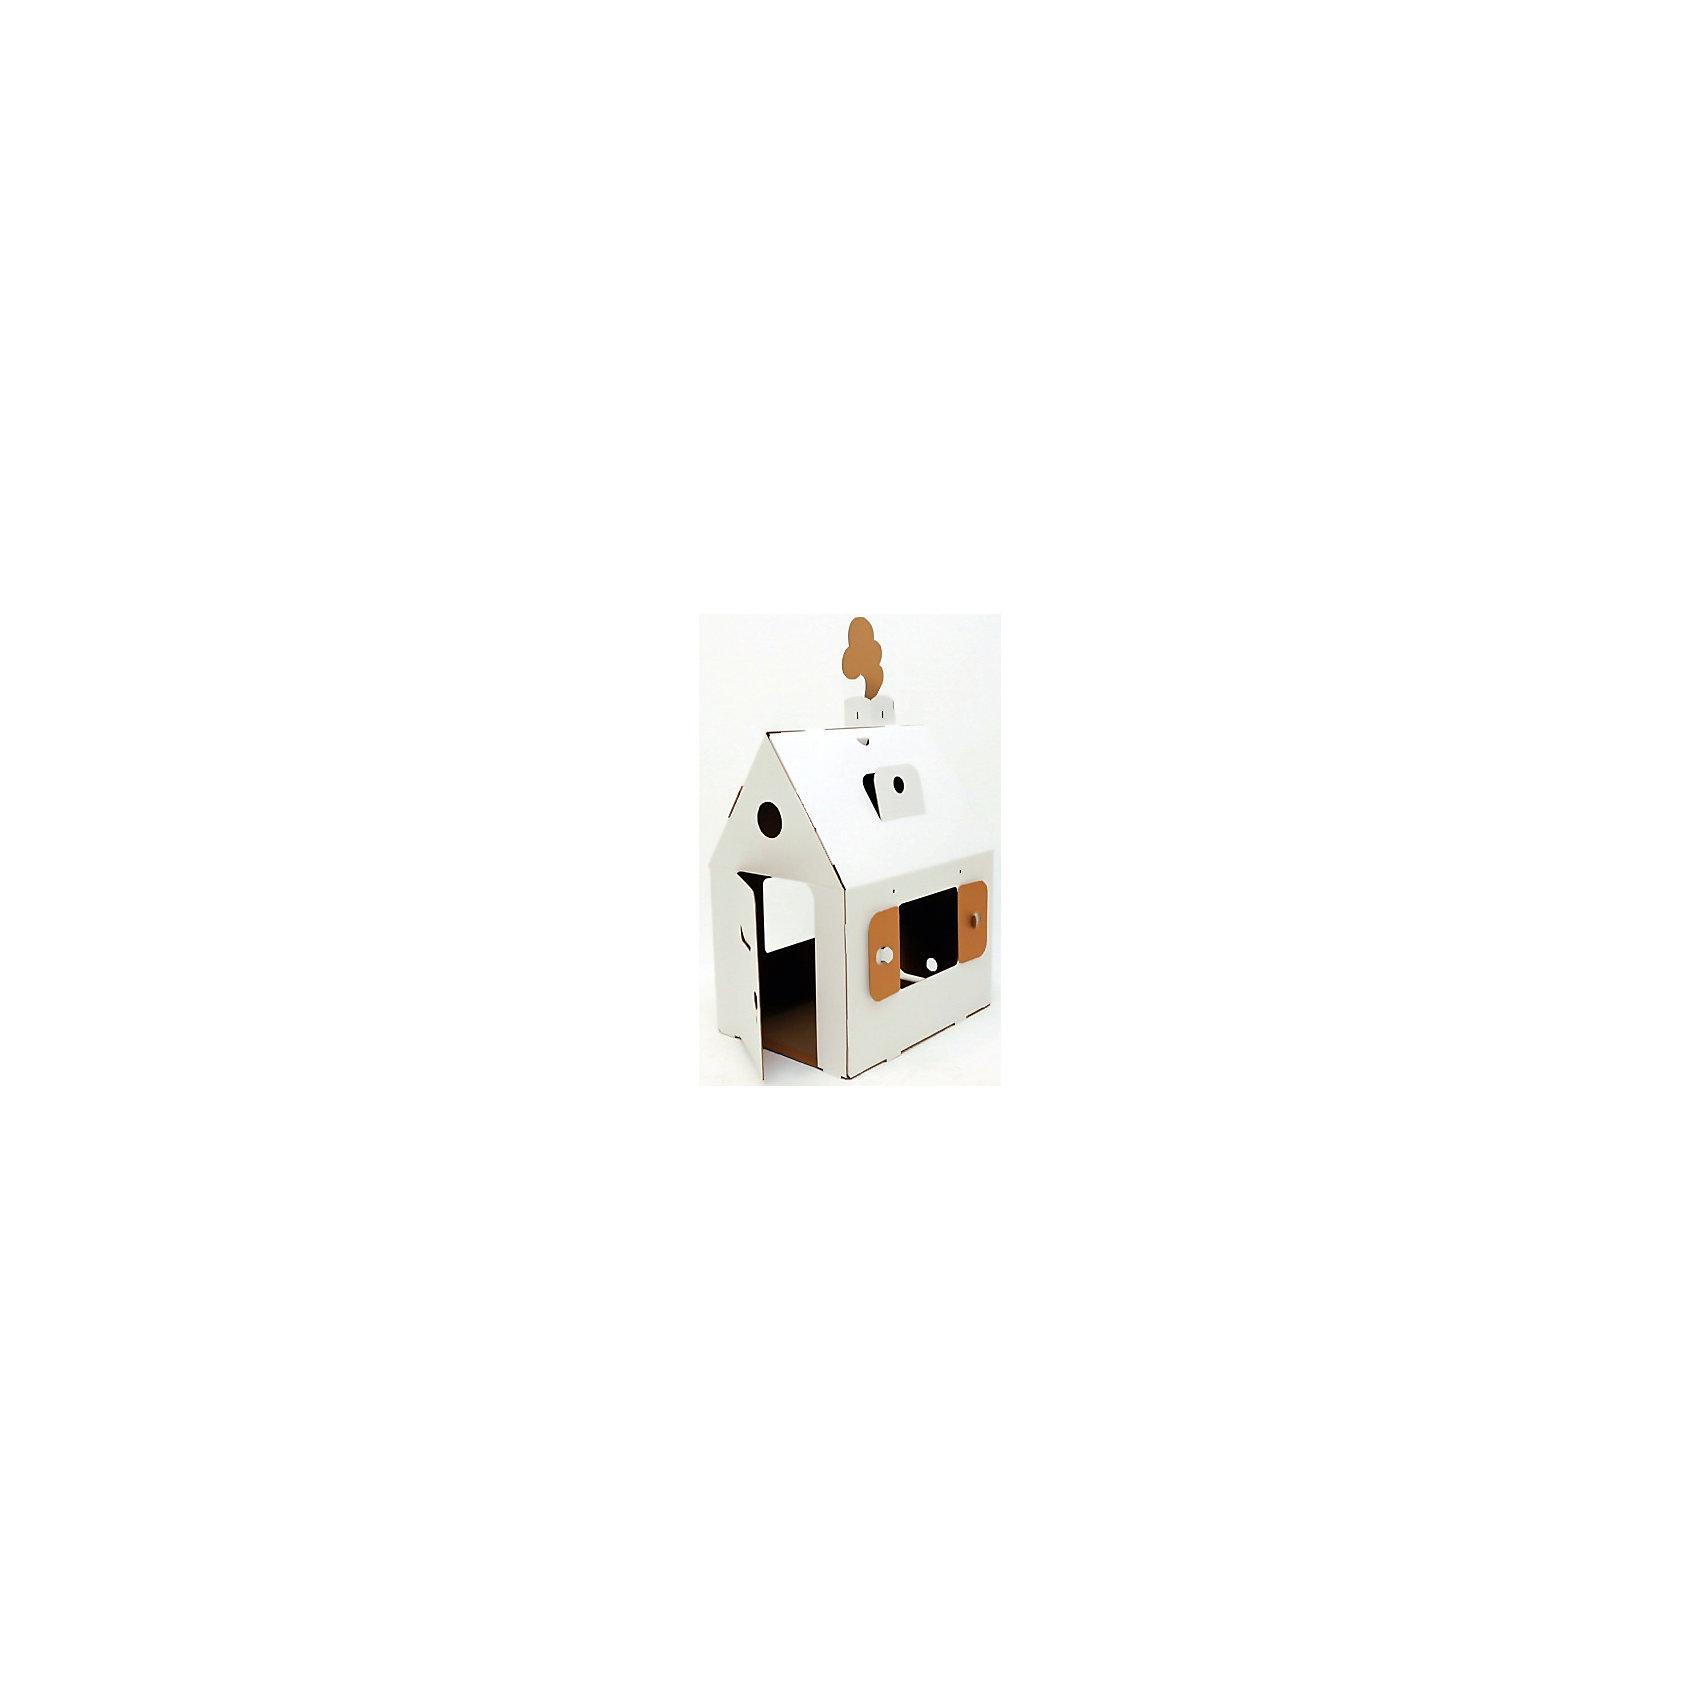 Домик из картона «Мини домик», белыйХарактеристики:<br><br>• тип домика: картонный кукольный домик;<br>• особенности домика: открываются окна и двери;<br>• имеется ручка для переноски домика, секретный лаз, отверстия для штор;<br>• материал: гофрокартон;<br>• размер домика: 81х65х48 см;<br>• размер упаковки: 76х61х60 см;<br>• вес: 1,8 кг.<br><br>Картонный домик быстро собирается, для сборки не используется клей или шурупы. Кукольный домик белого цвета, его можно раскрасить акриловыми или акварельными красками, можно использовать гуашь, фломастеры или карандаши. Домик оснащен дополнительными удобствами для развития детской фантазии: места для занавесок, тайный лаз, ручка для переноски, отверстие для почты, и даже замочная скважина. Игра обогащает детское воображение и фантазию, помогает развить речь и логику.<br><br>Домик из картона «Мини домик», белый можно купить в нашем магазине.<br><br>Ширина мм: 760<br>Глубина мм: 605<br>Высота мм: 55<br>Вес г: 1700<br>Возраст от месяцев: 36<br>Возраст до месяцев: 2147483647<br>Пол: Унисекс<br>Возраст: Детский<br>SKU: 5253038